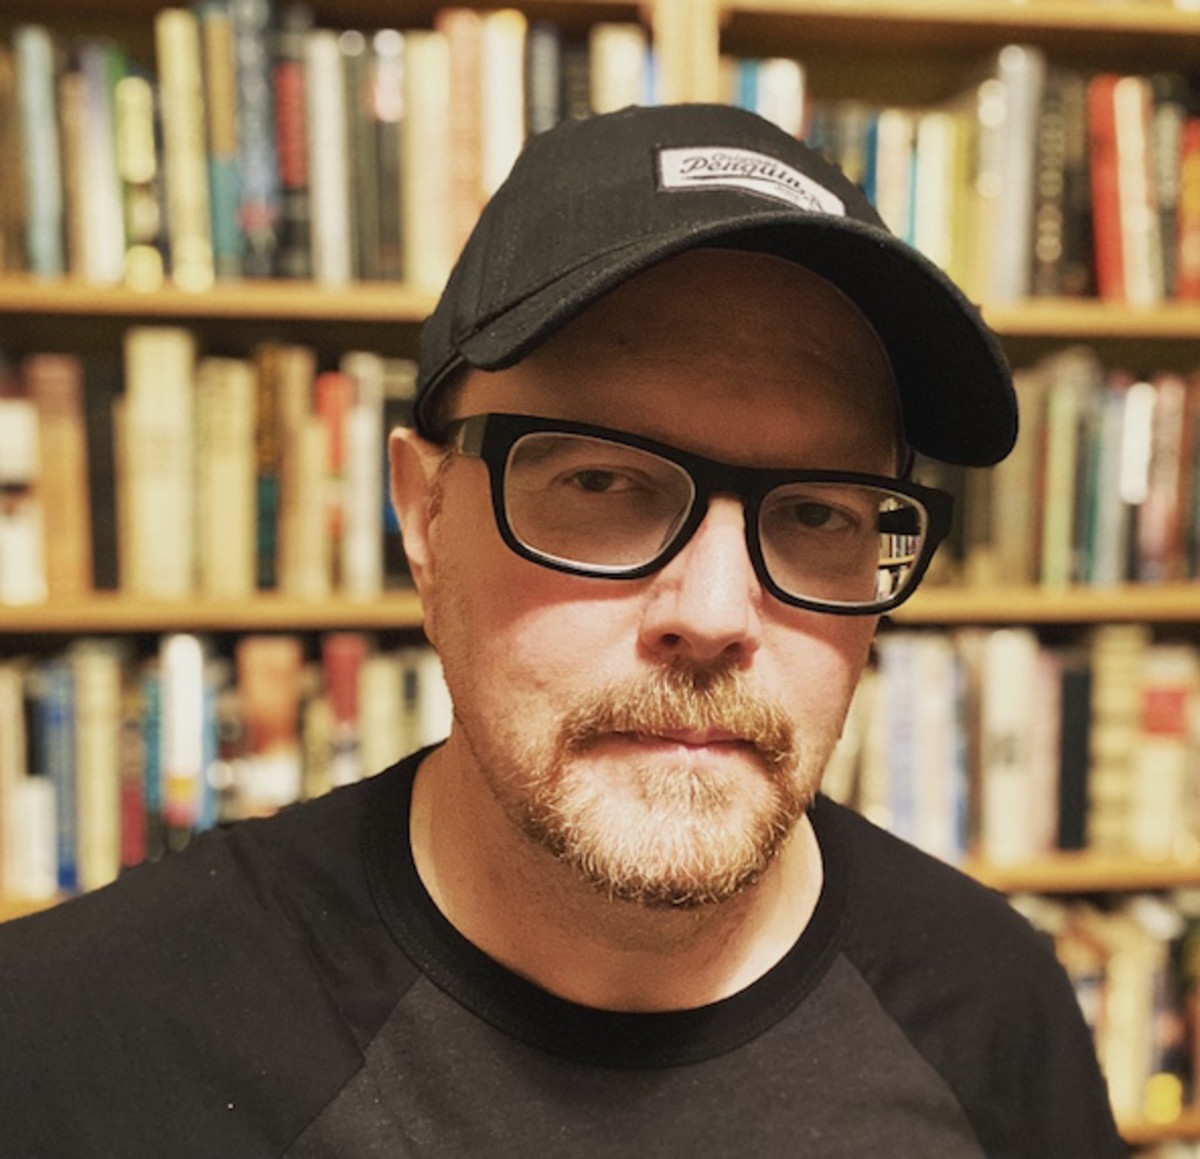 john_mcnally_author_head_shot